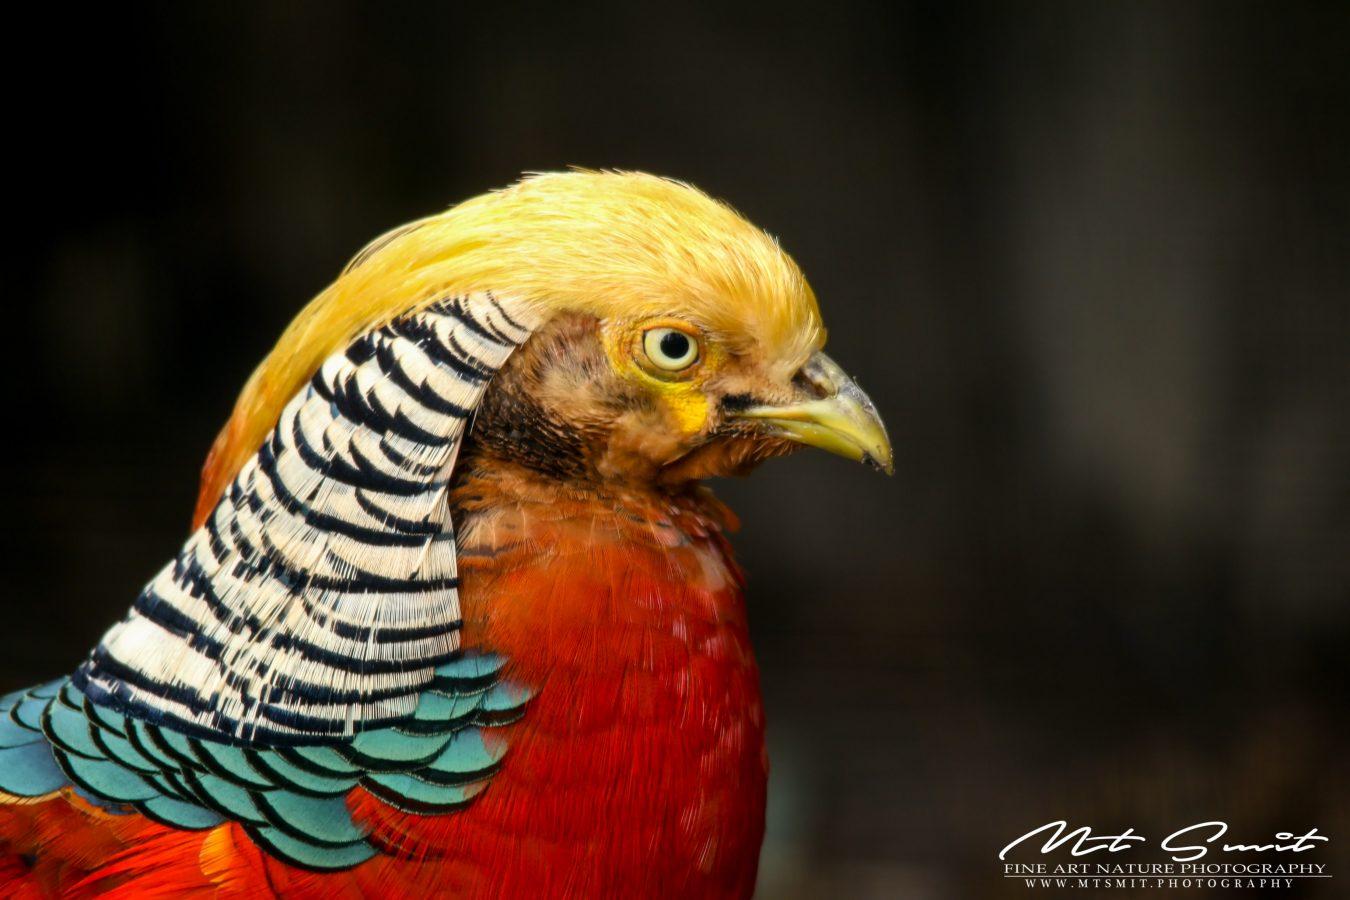 DONALD TRUMP BIRD